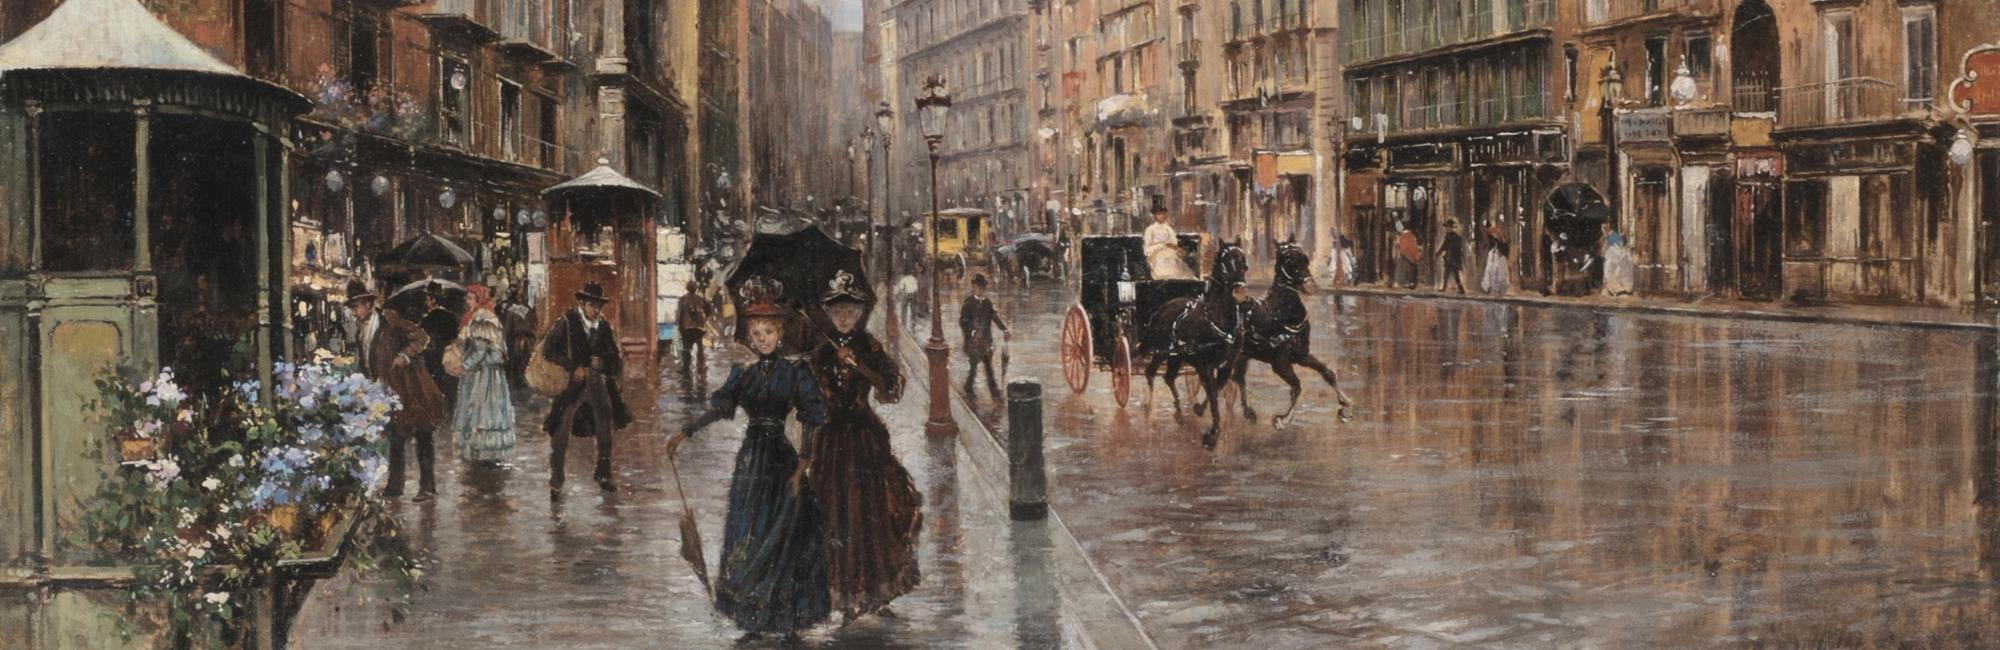 Napoli, Via Toledo: impressione di pioggia